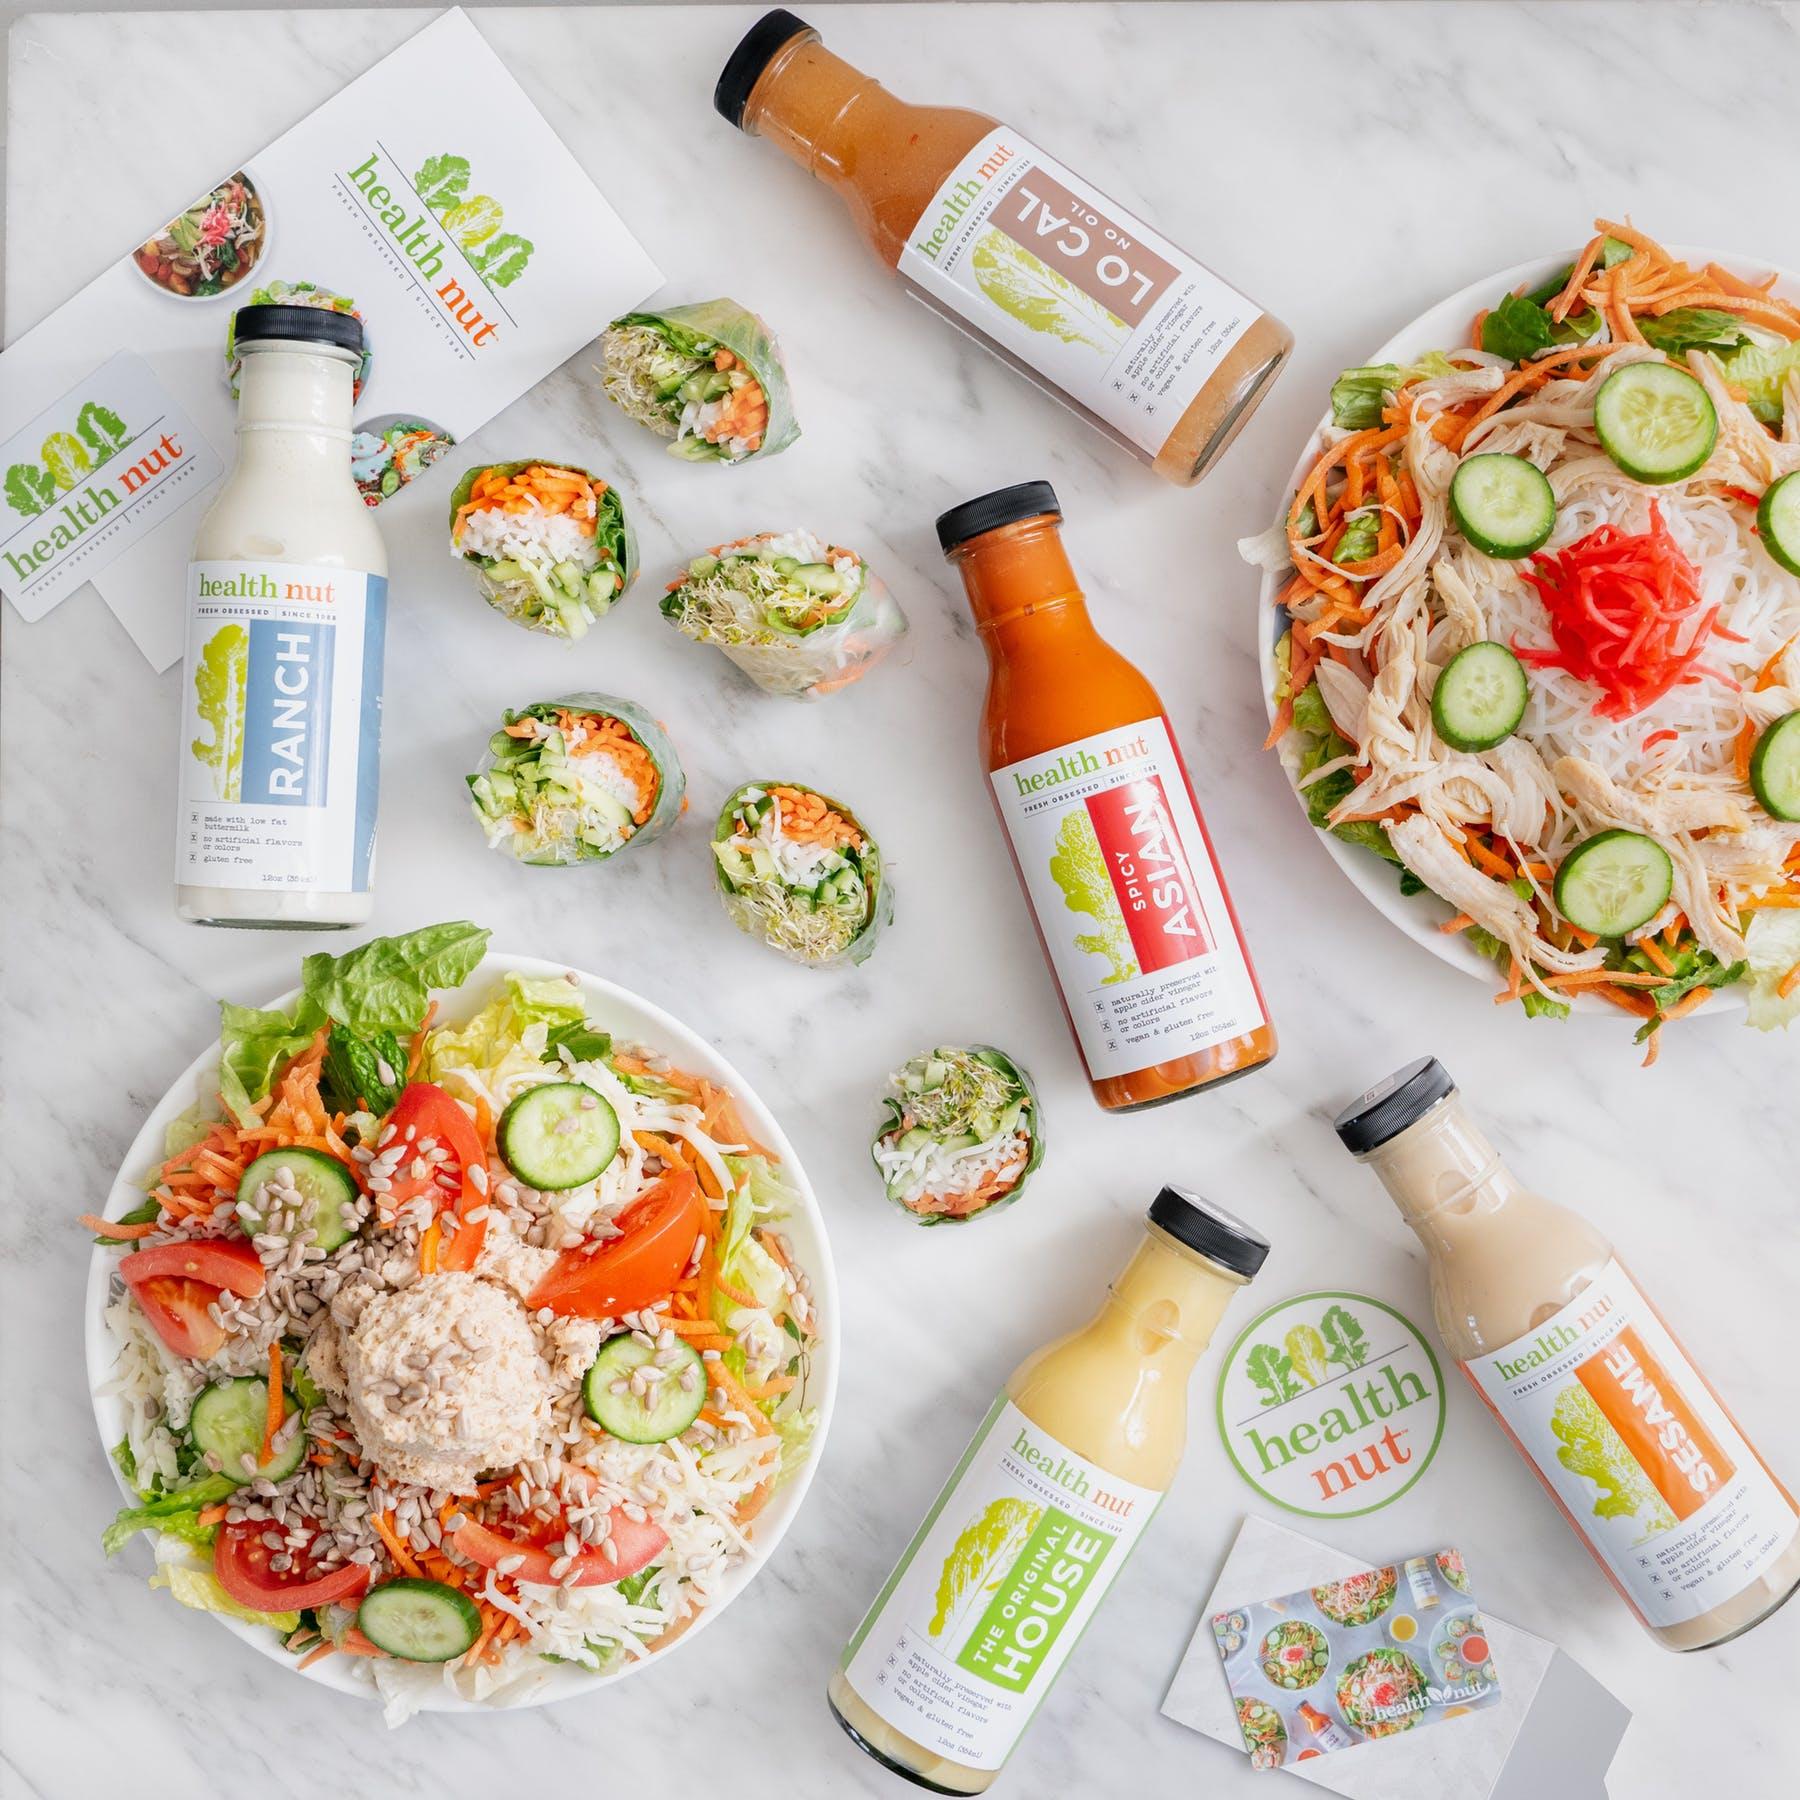 consumer-centric, wellness-oriented healthcareitnews.com